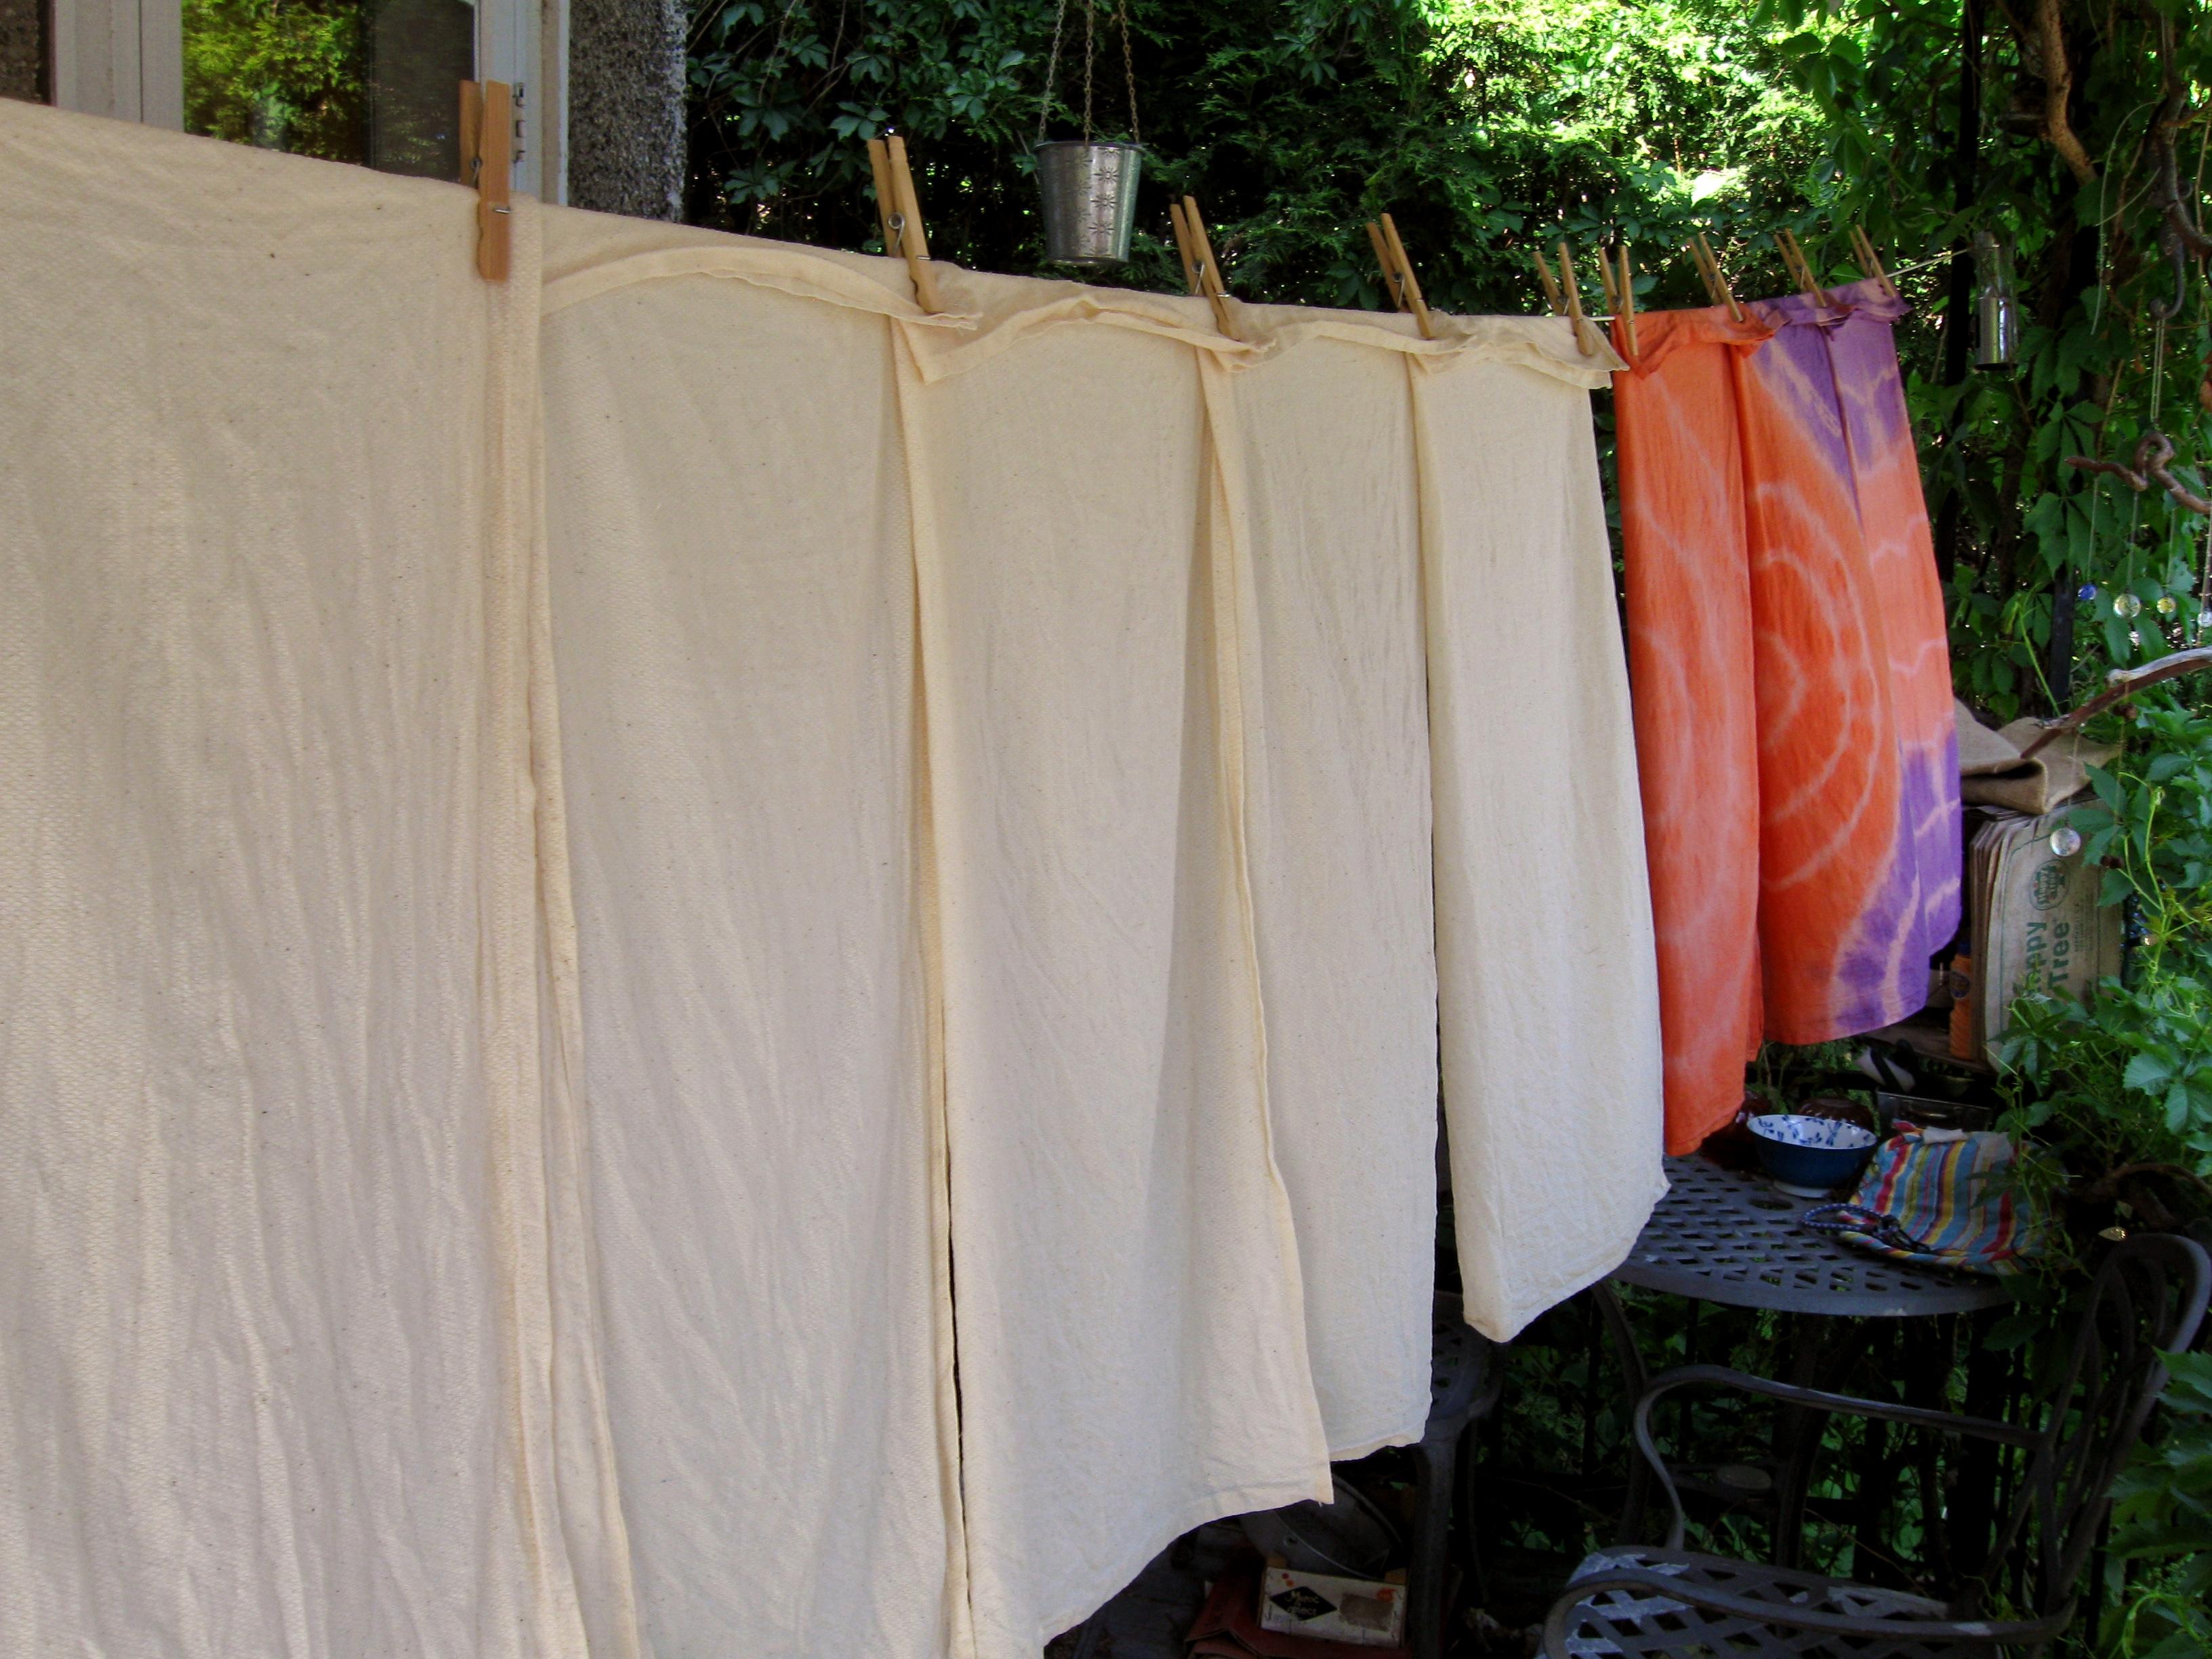 diy washing machine